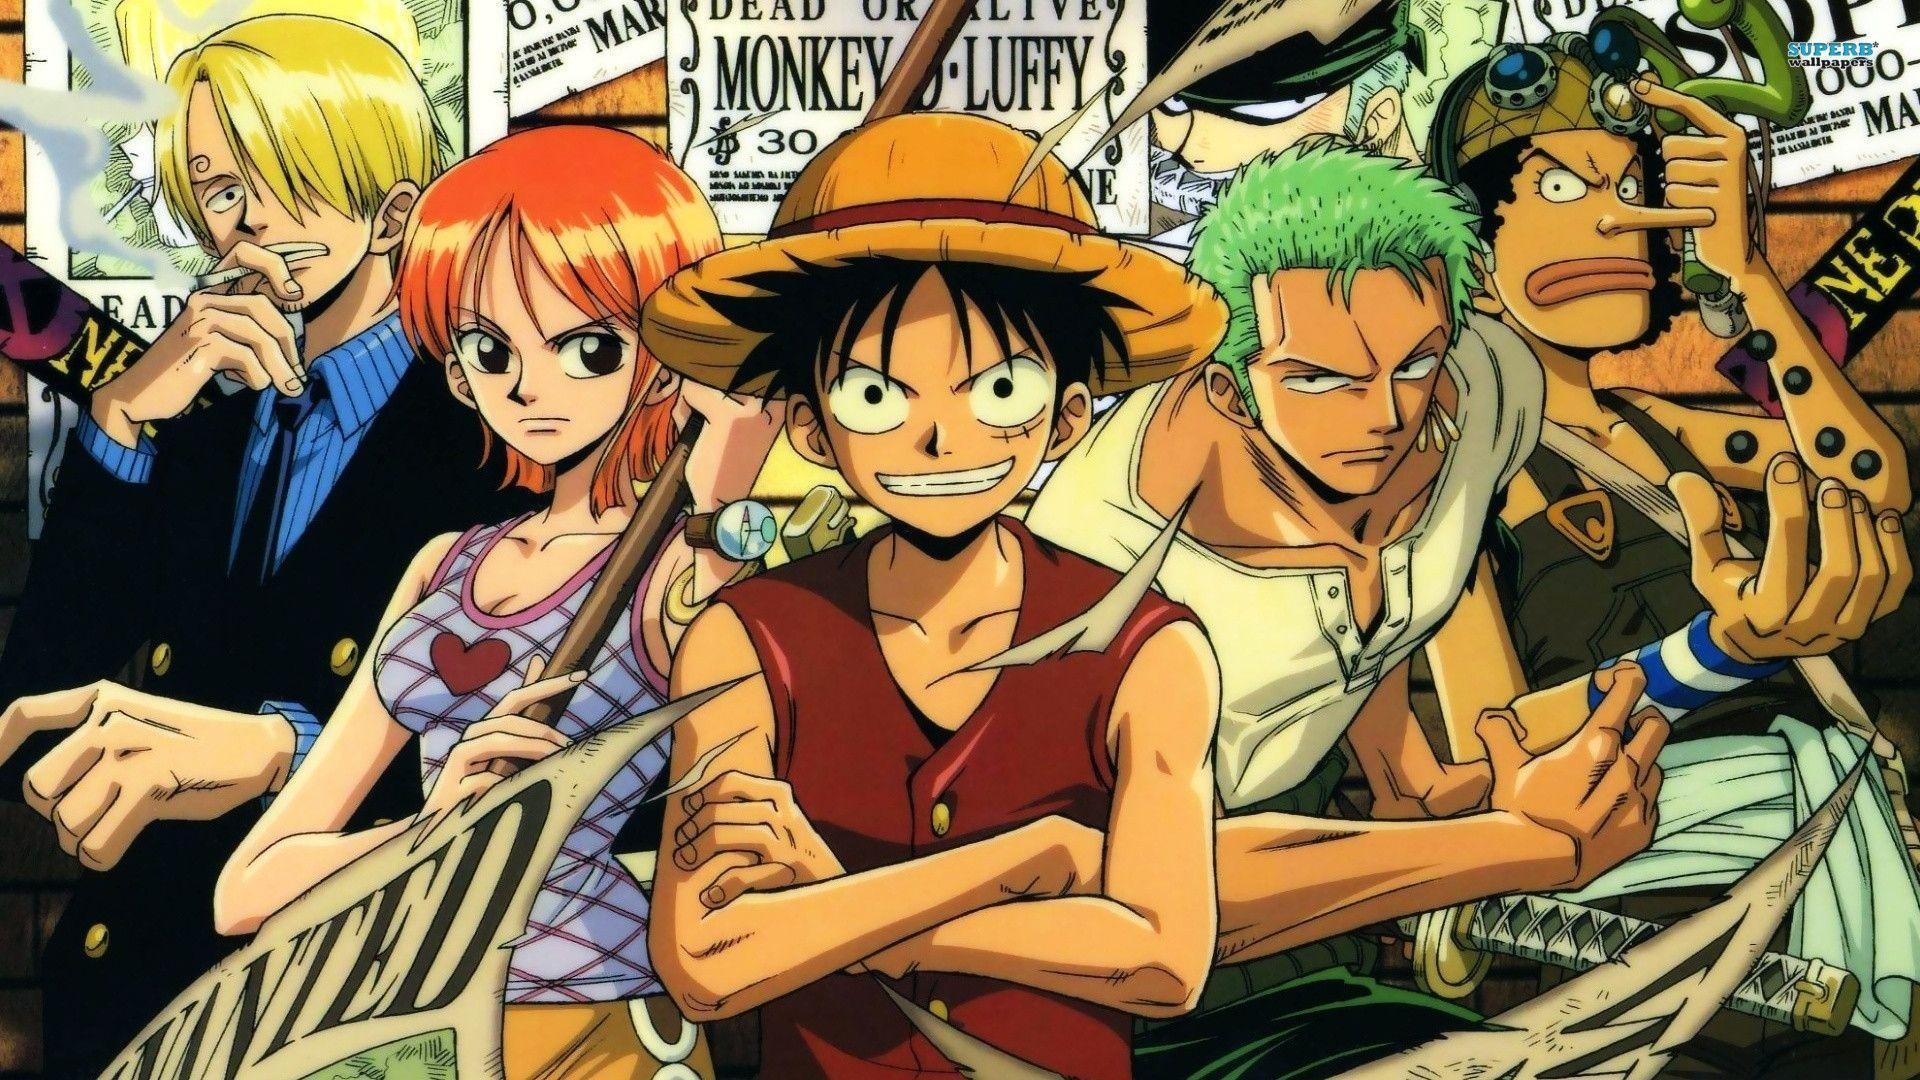 ... vị càng khiến chúng ta yêu thích bộ truyện One Piece \u2013 Vua Hải Tặc này hơn, và muốn sở hữu những hình ảnh về bộ truyện này hơn phải không nào?